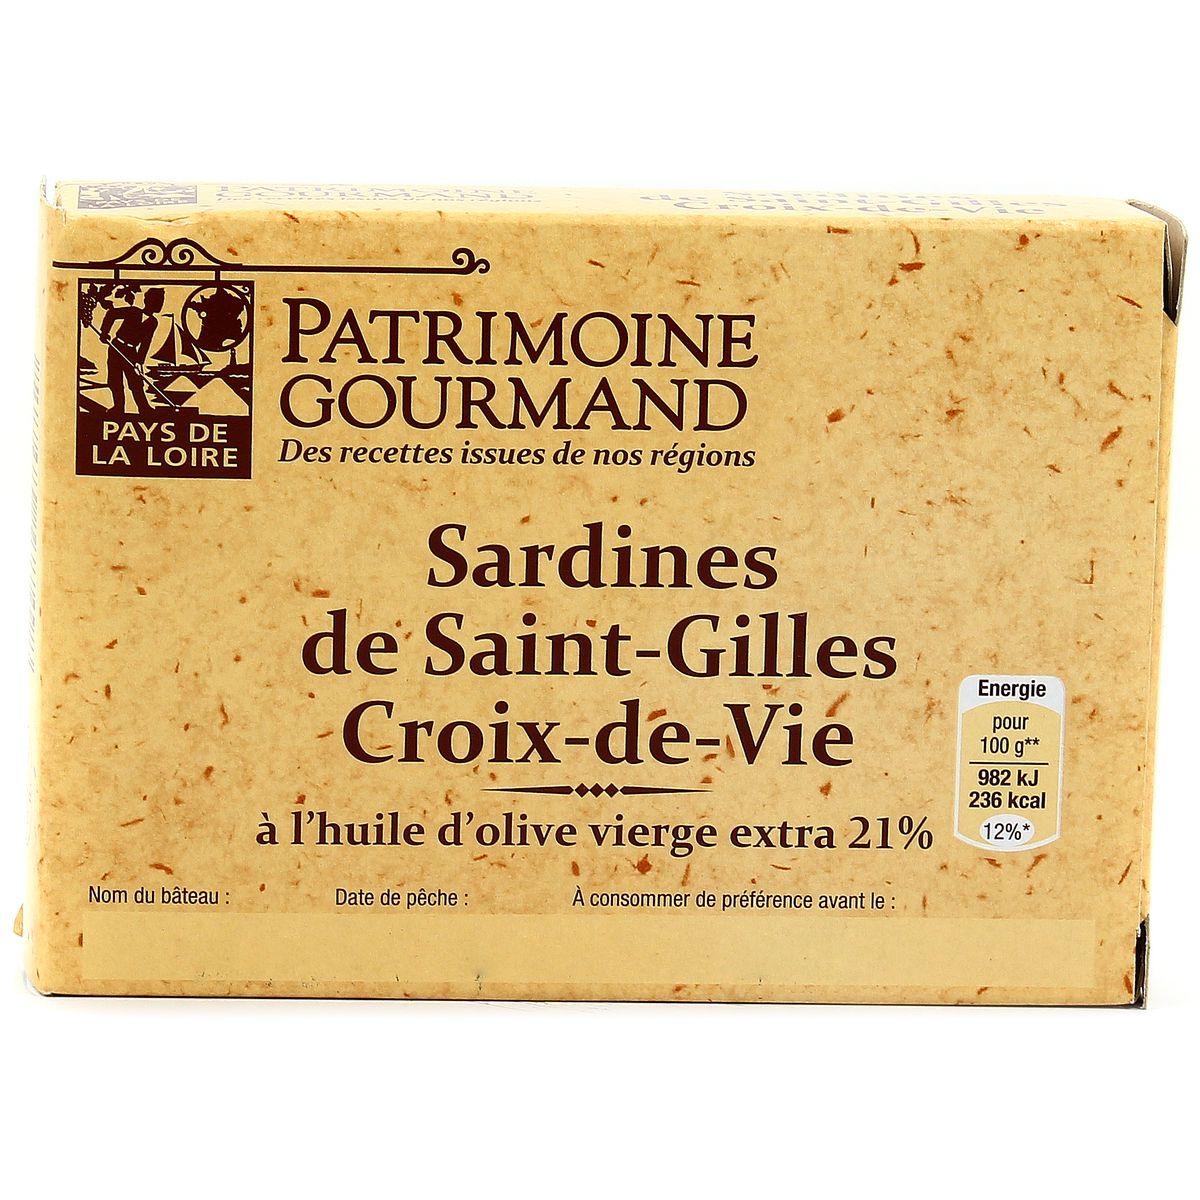 Clic Saint Gilles Croix De Vie patrimoine gourmand sardines st-gilles croix de vie a l'huile d'olive  vierge extra